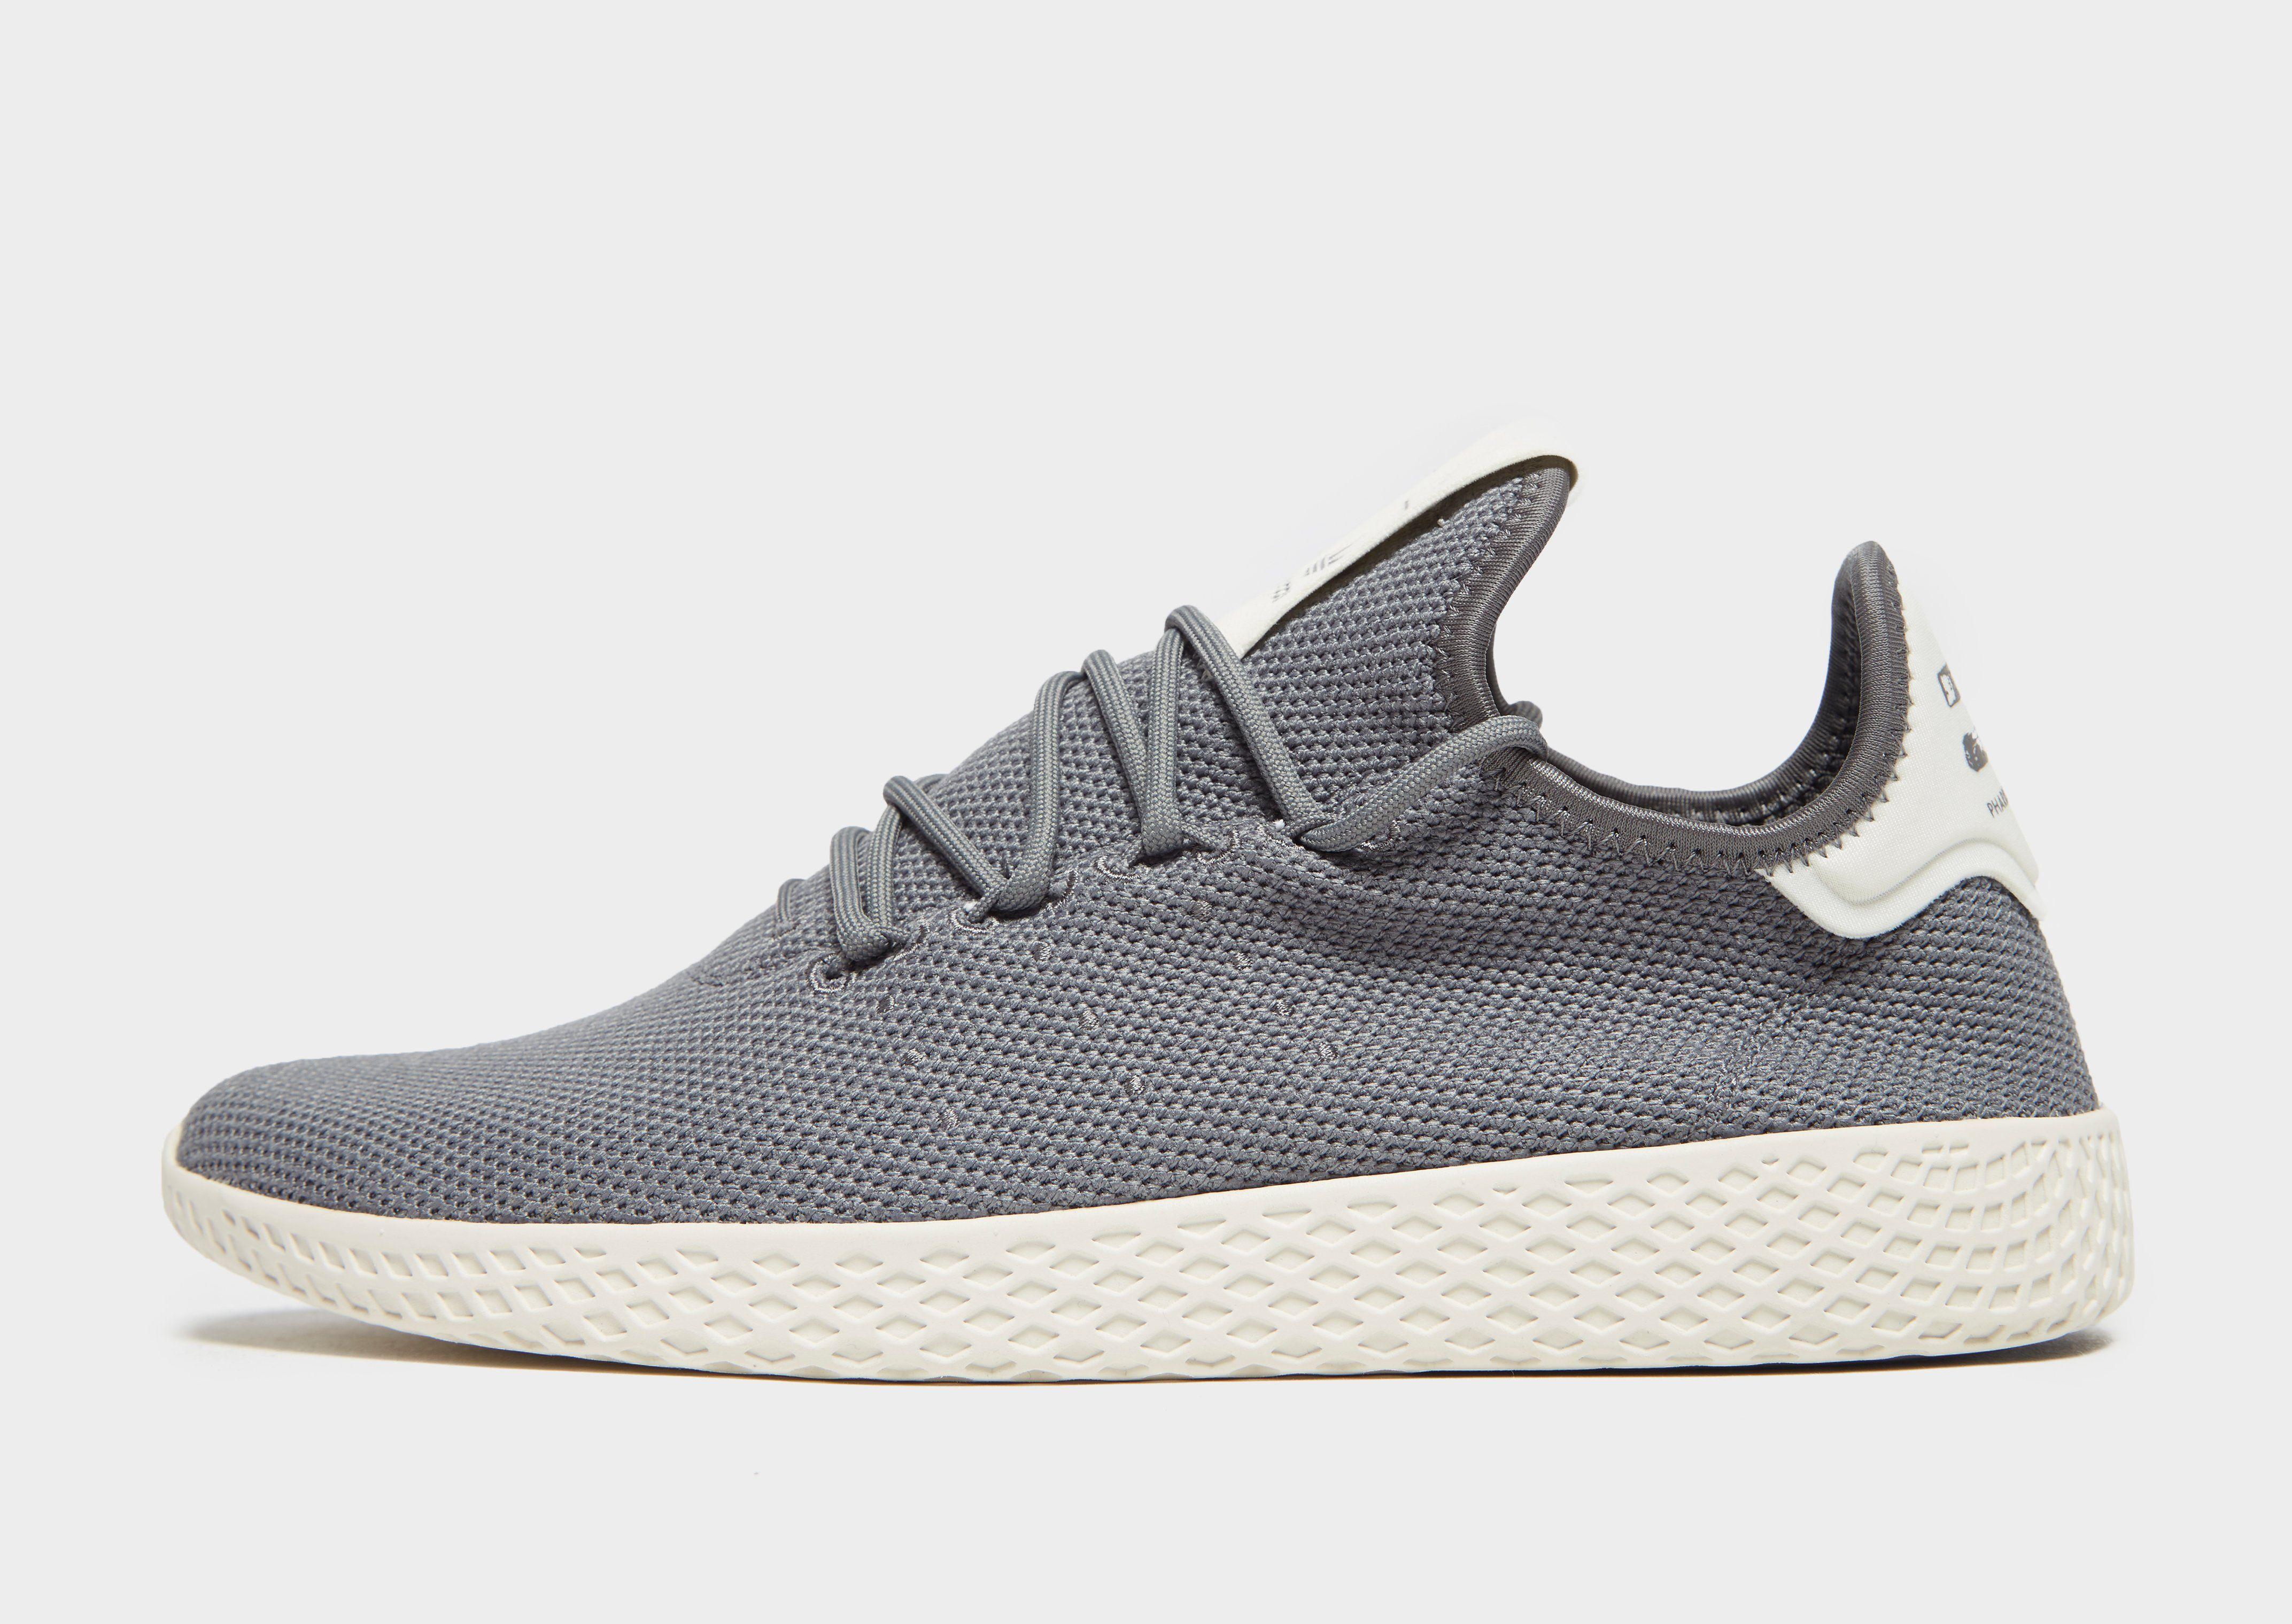 adidas Originals x Pharrell Williams Tennis Hu  0f265a08f8